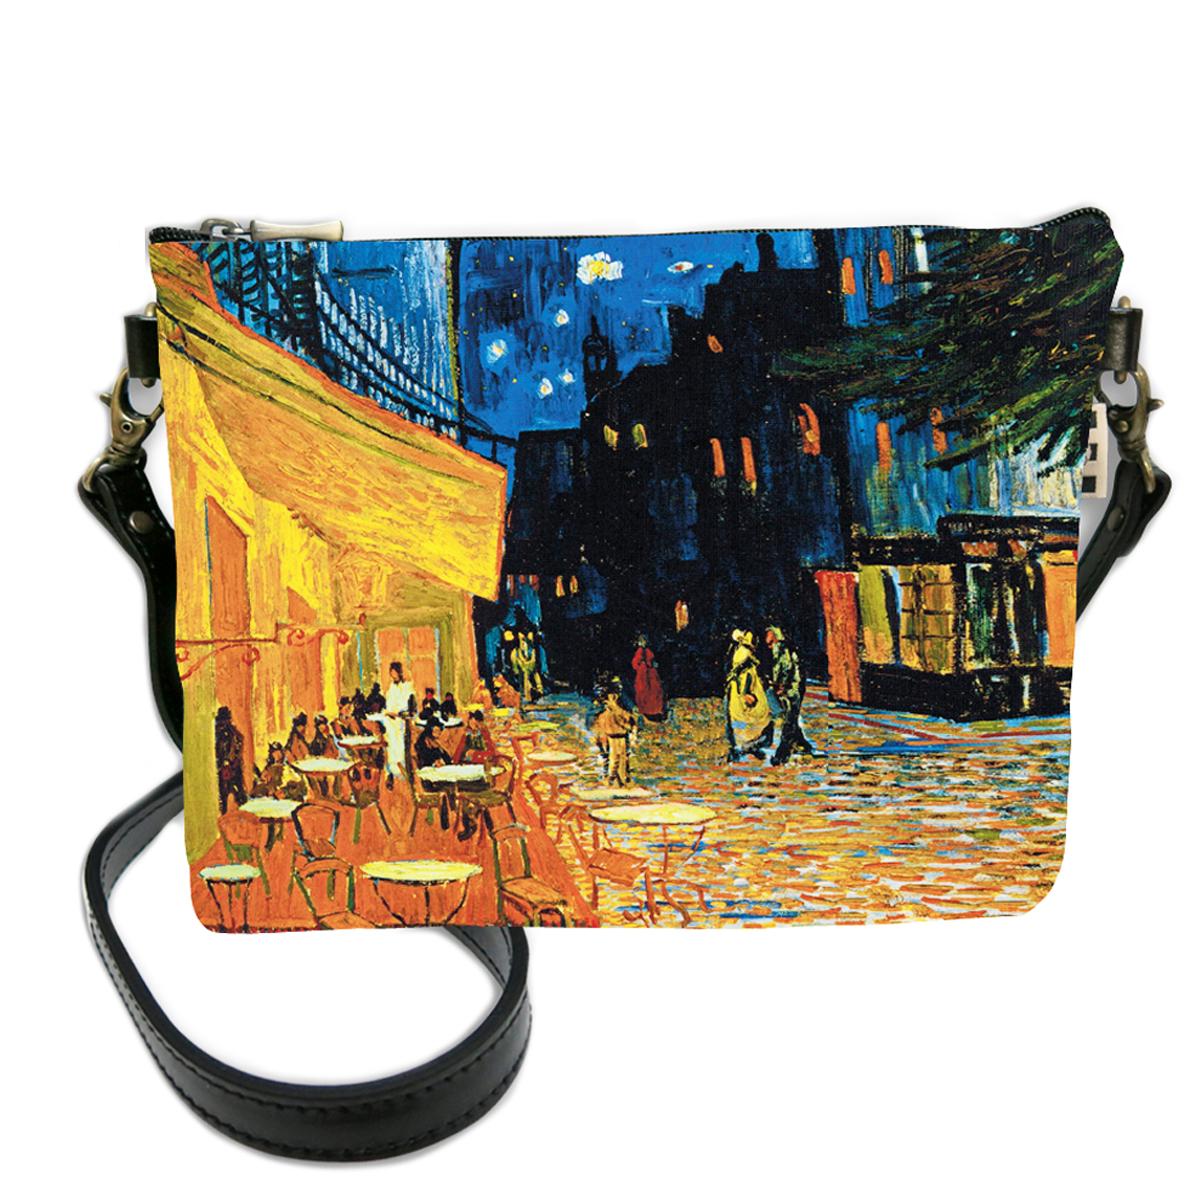 Sac bandoulière artisanal \'Vincent Van Gogh\' (Terrasse du café le soir)  - 24x18 cm - [Q6667]